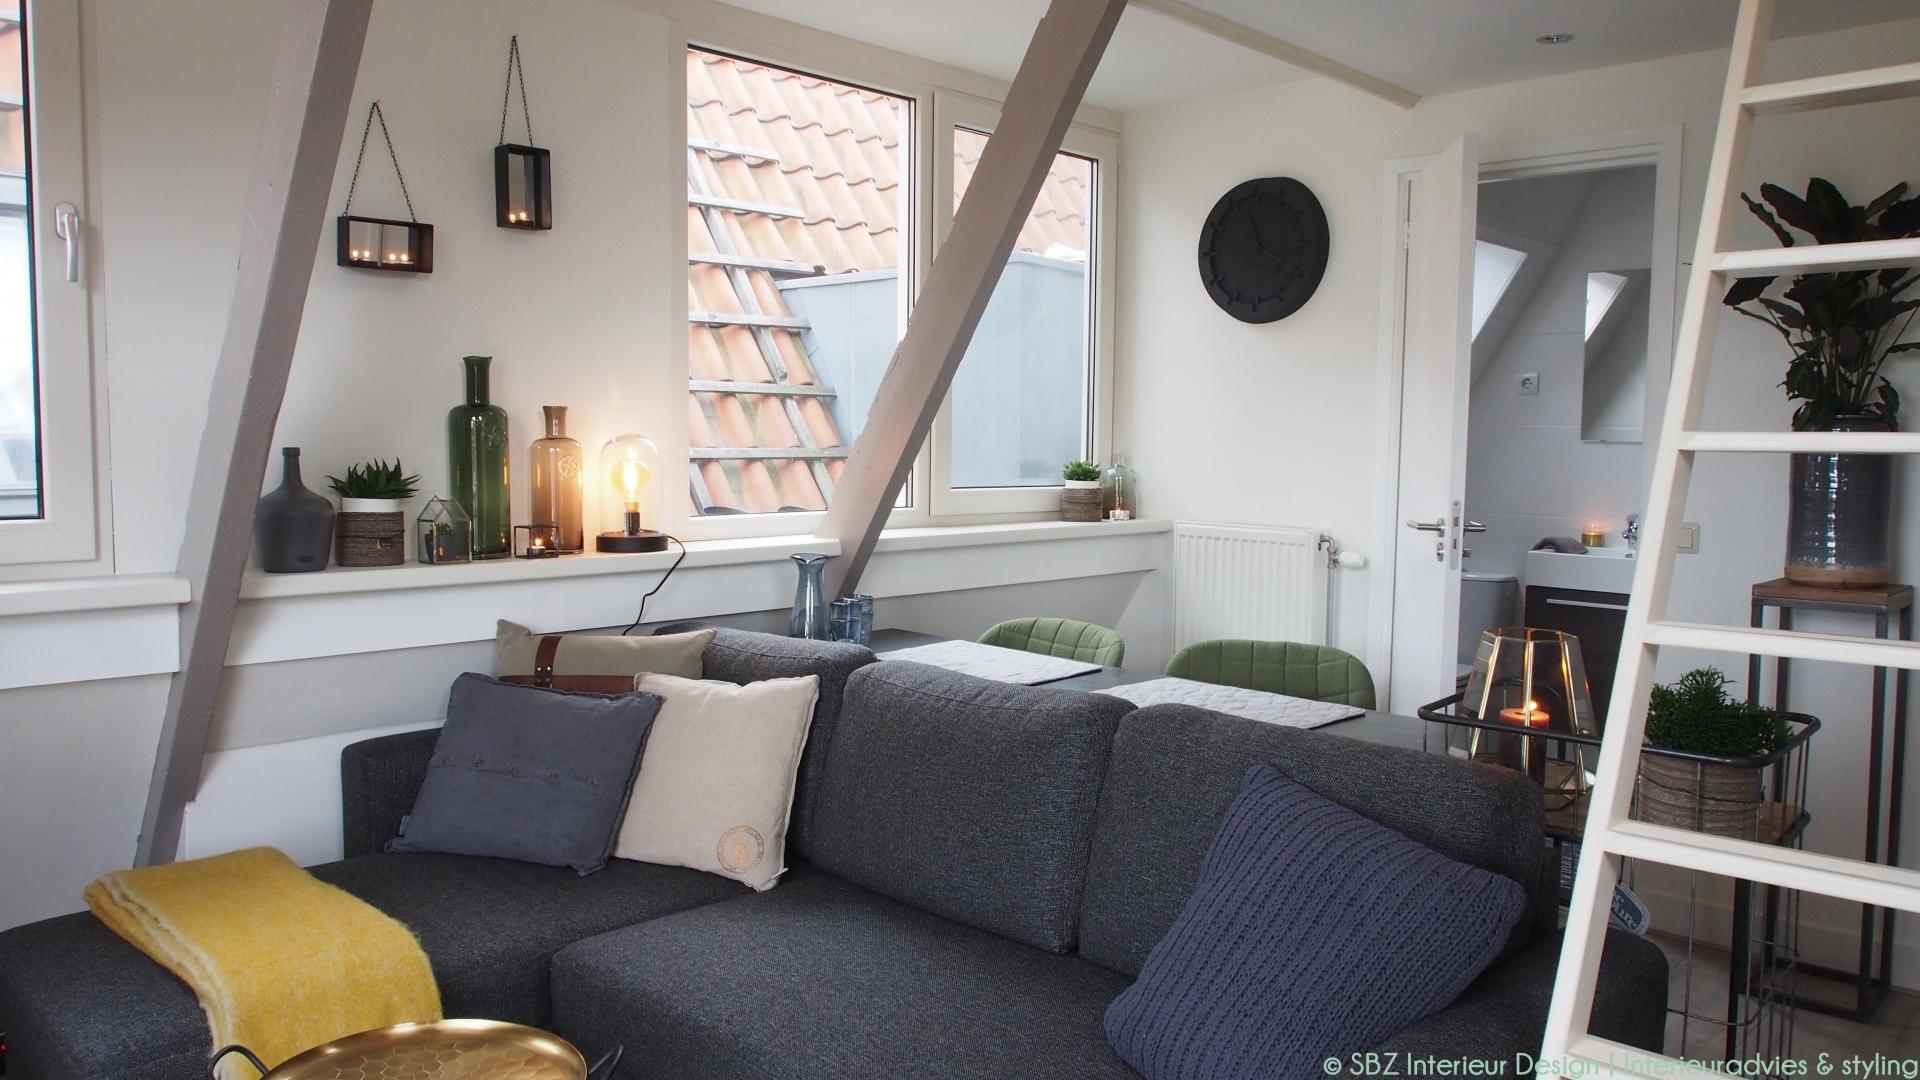 interieur 10 tips voor het inrichten van een klein huis